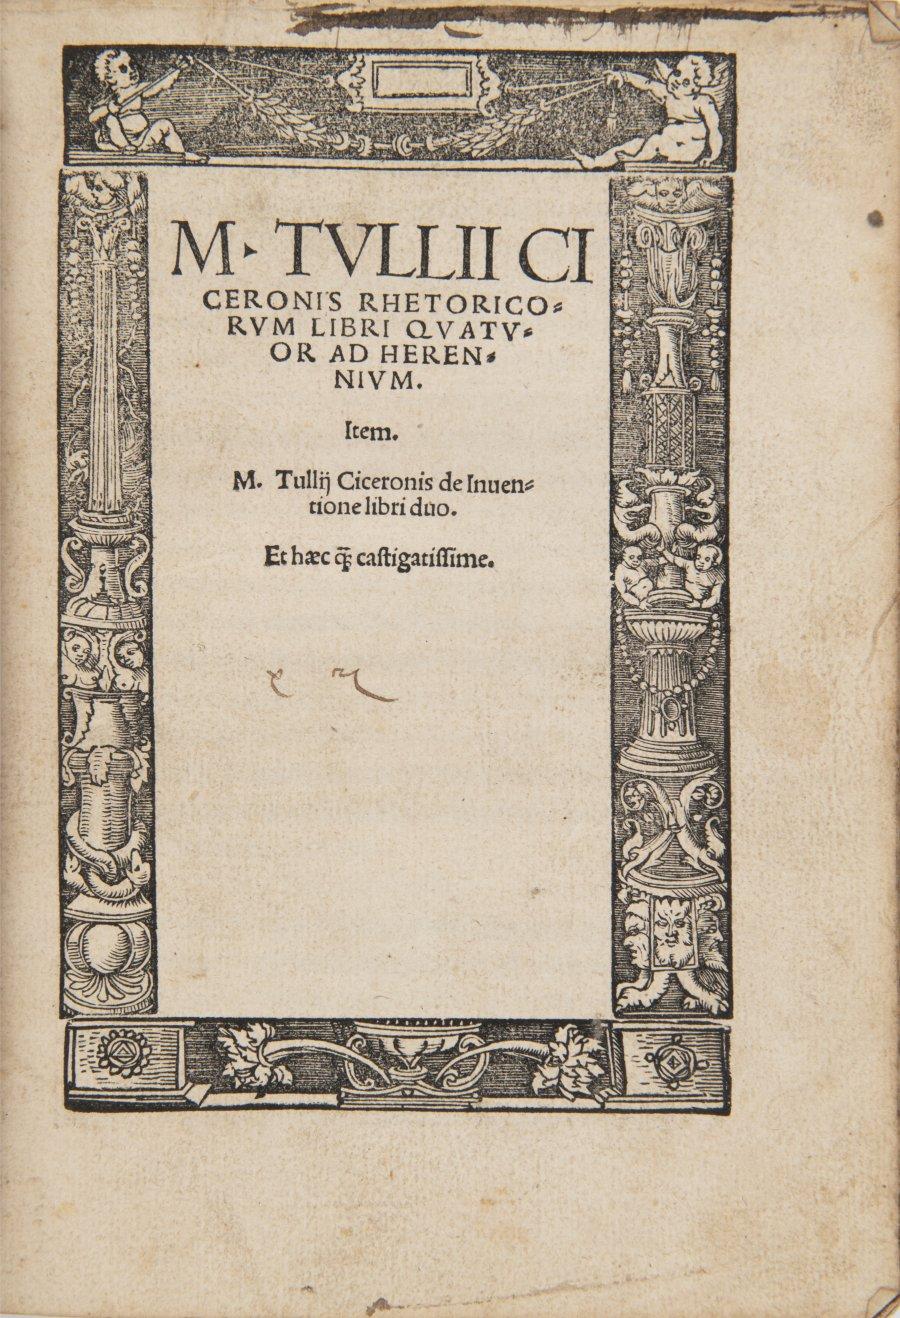 ČTYŘI RANÉ TISKY ŘÍMSKÉ ANTICKÉ KLASIKY